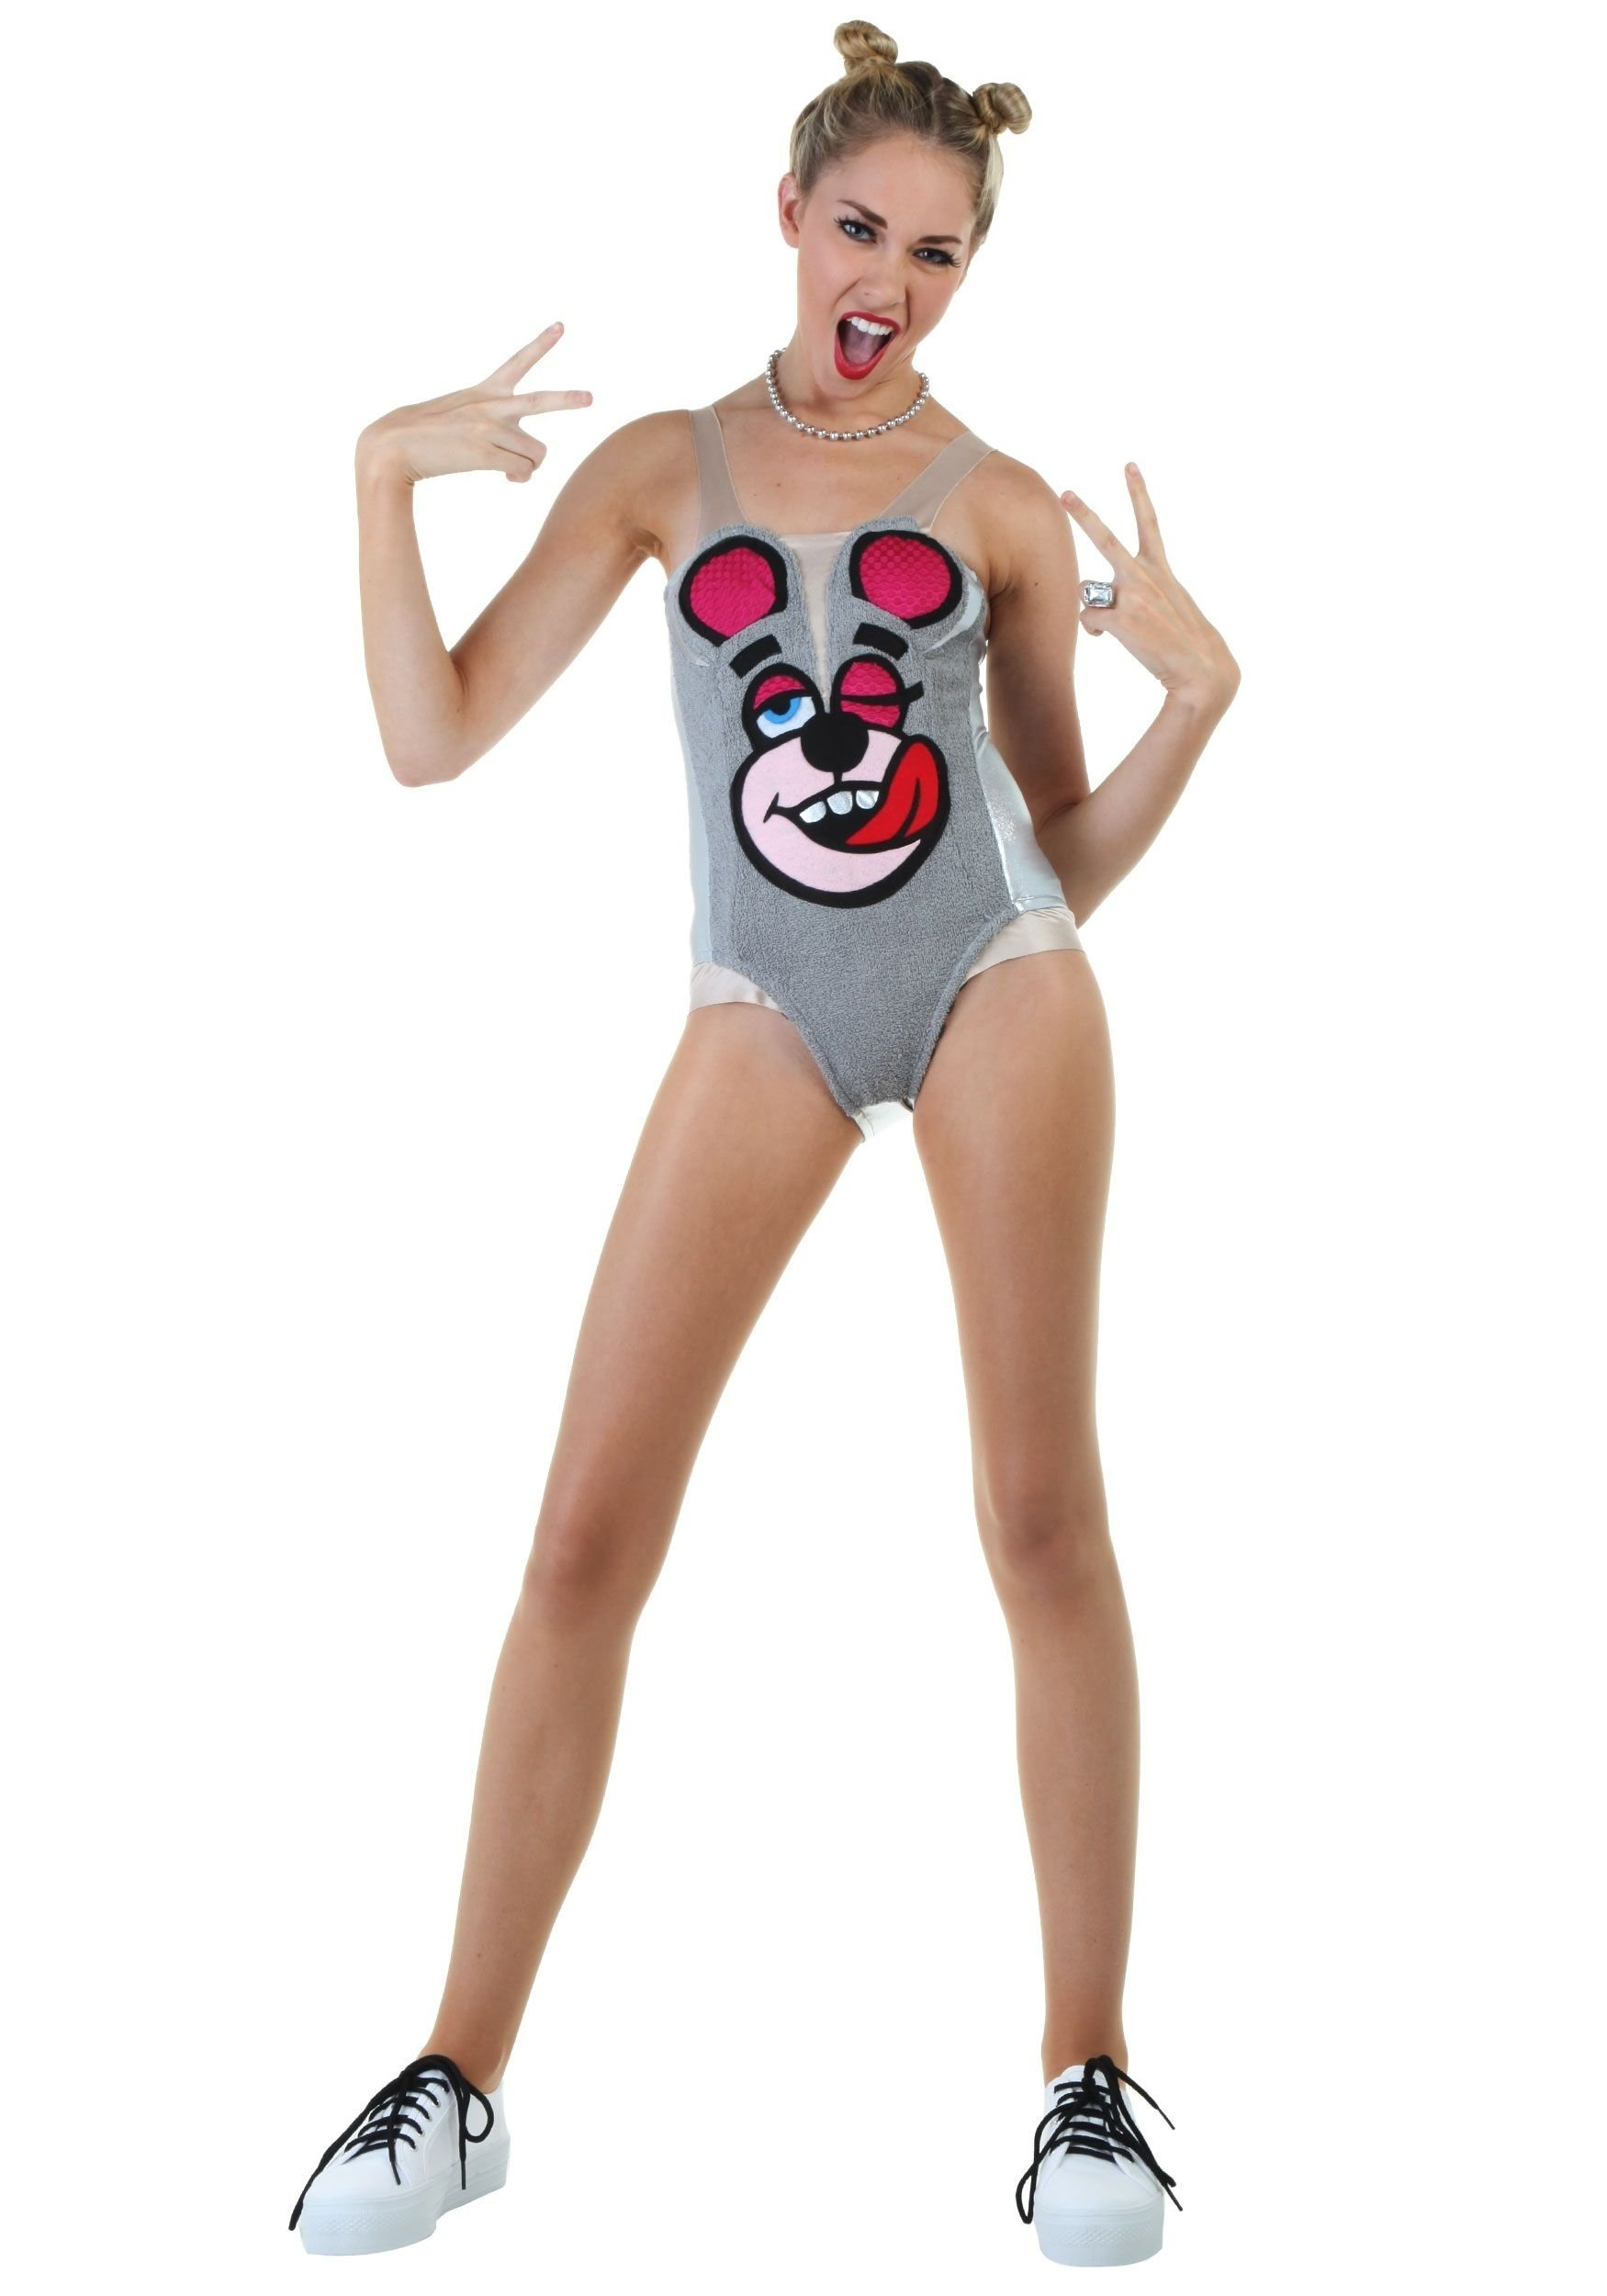 10 Lovable Miley Cyrus Halloween Costume Ideas miley cyrus vma awards twerking bear halloween costume haha oh my 2021